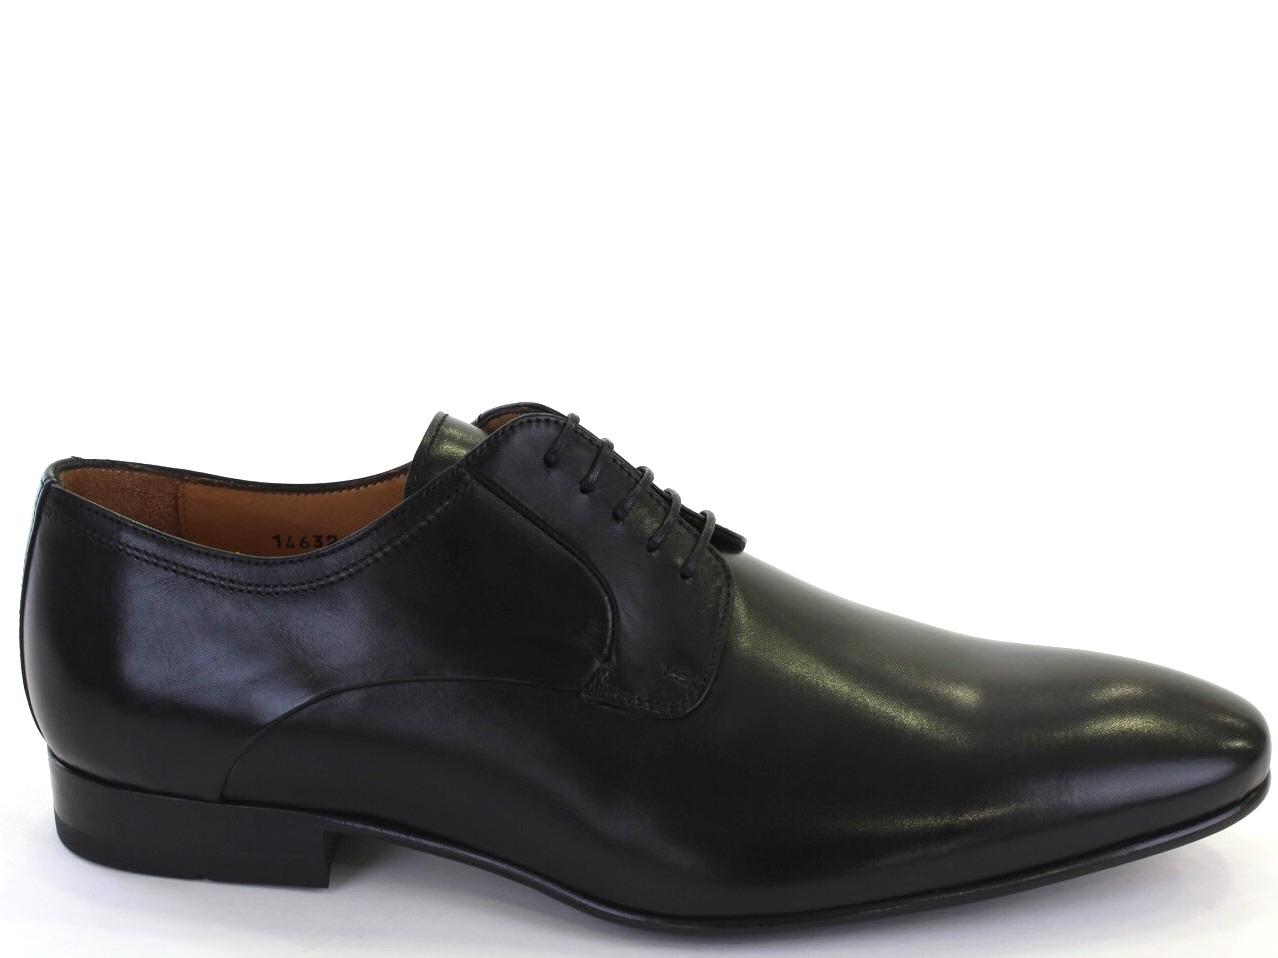 Sapatos Atacador Gino Bianchi - 405 14632